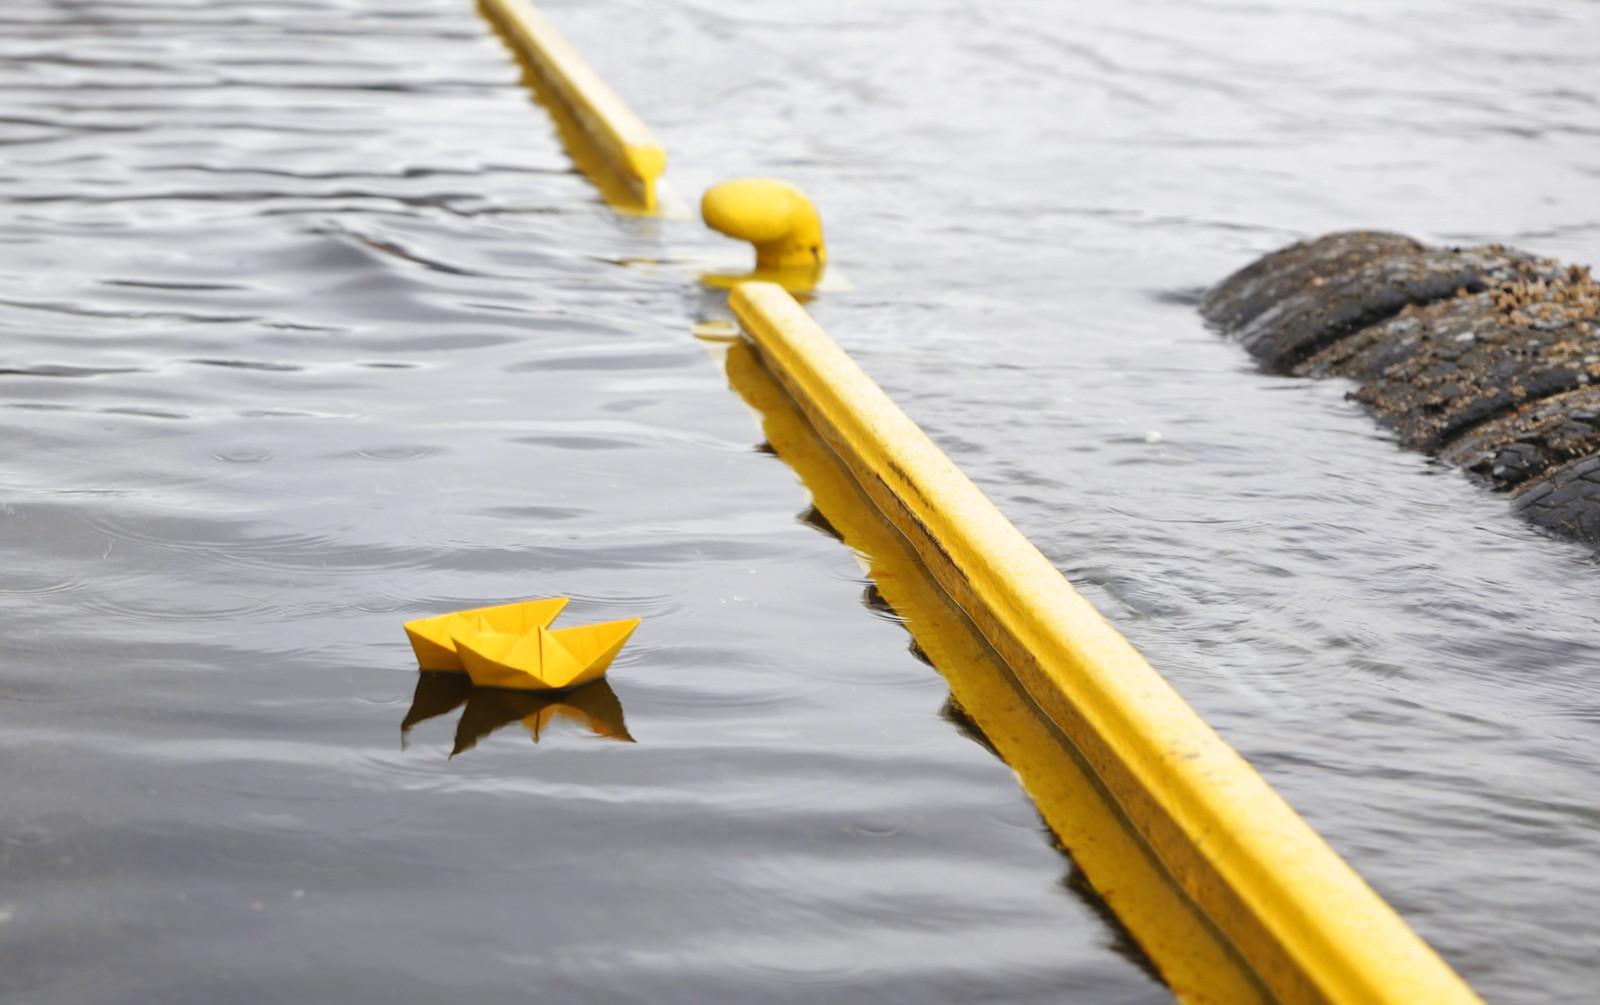 Noen hadde tatt seg tid til å sette ut disse to papirbåtene da vannet nådde bryggekanten i Vågen i Bergen.